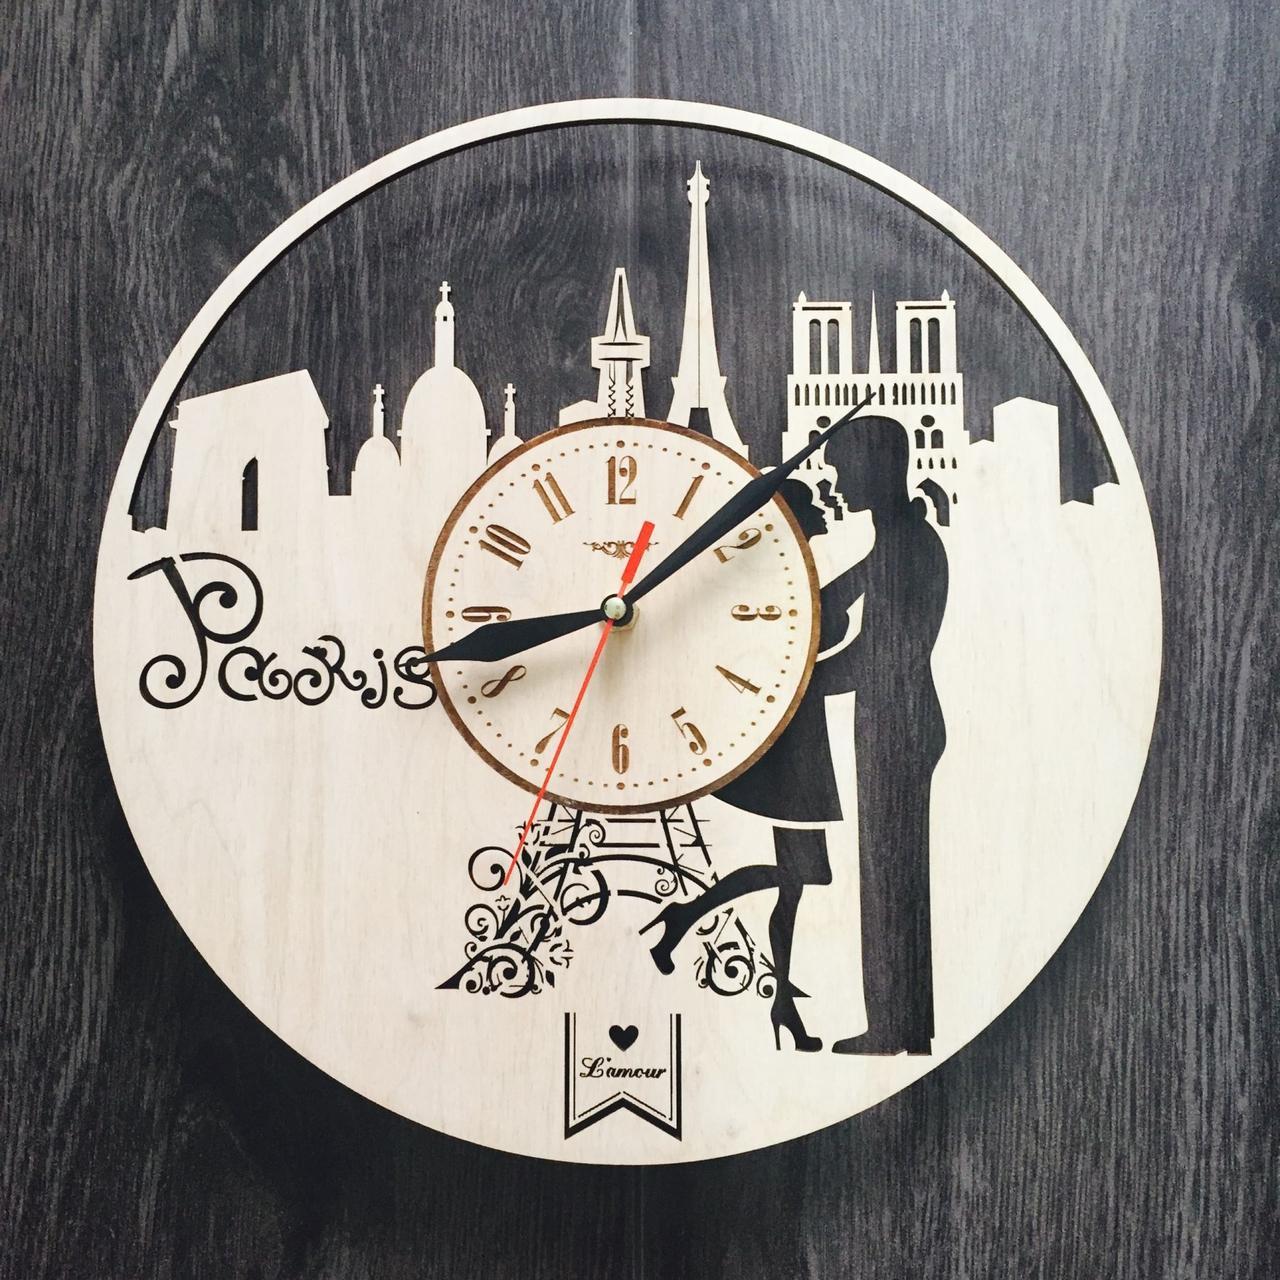 Інтер'єрні дерев'яні годинники настінні Романтика Парижа